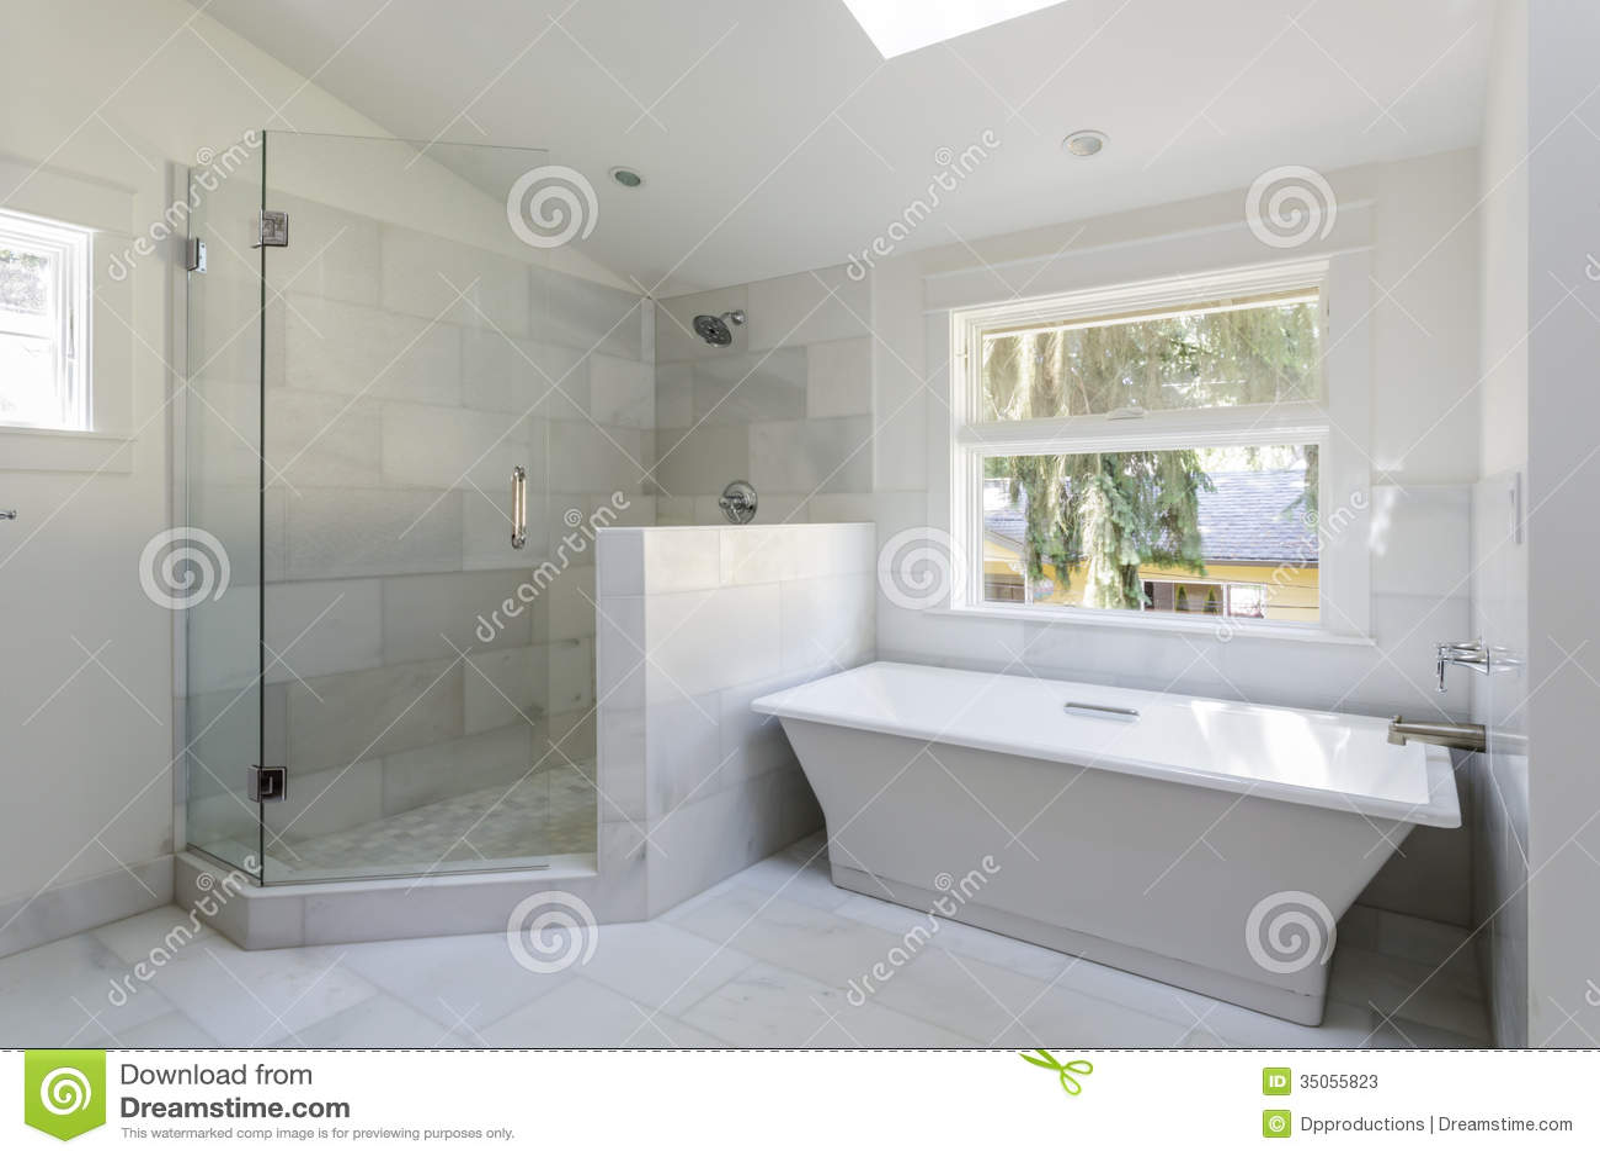 Modernes Badezimmer Mit Dusche Und Badewanne Stockbild - Bild ...